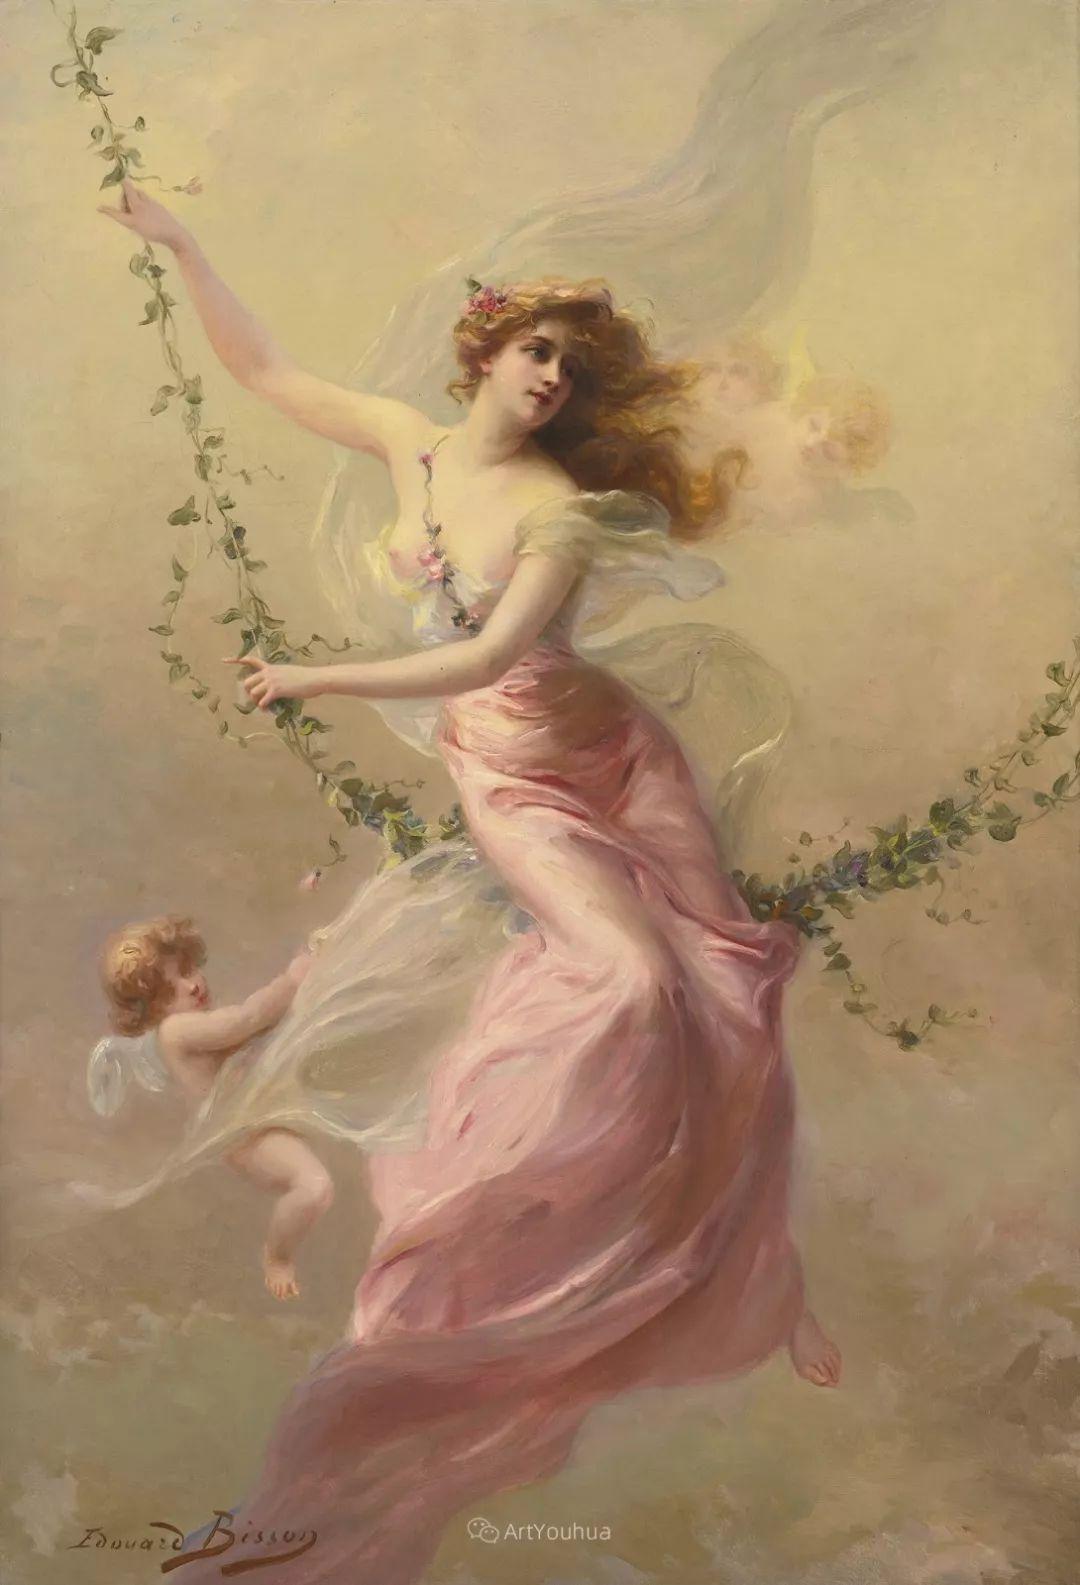 法国画家油画中的仙女,身披薄纱,性感迷人!插图1